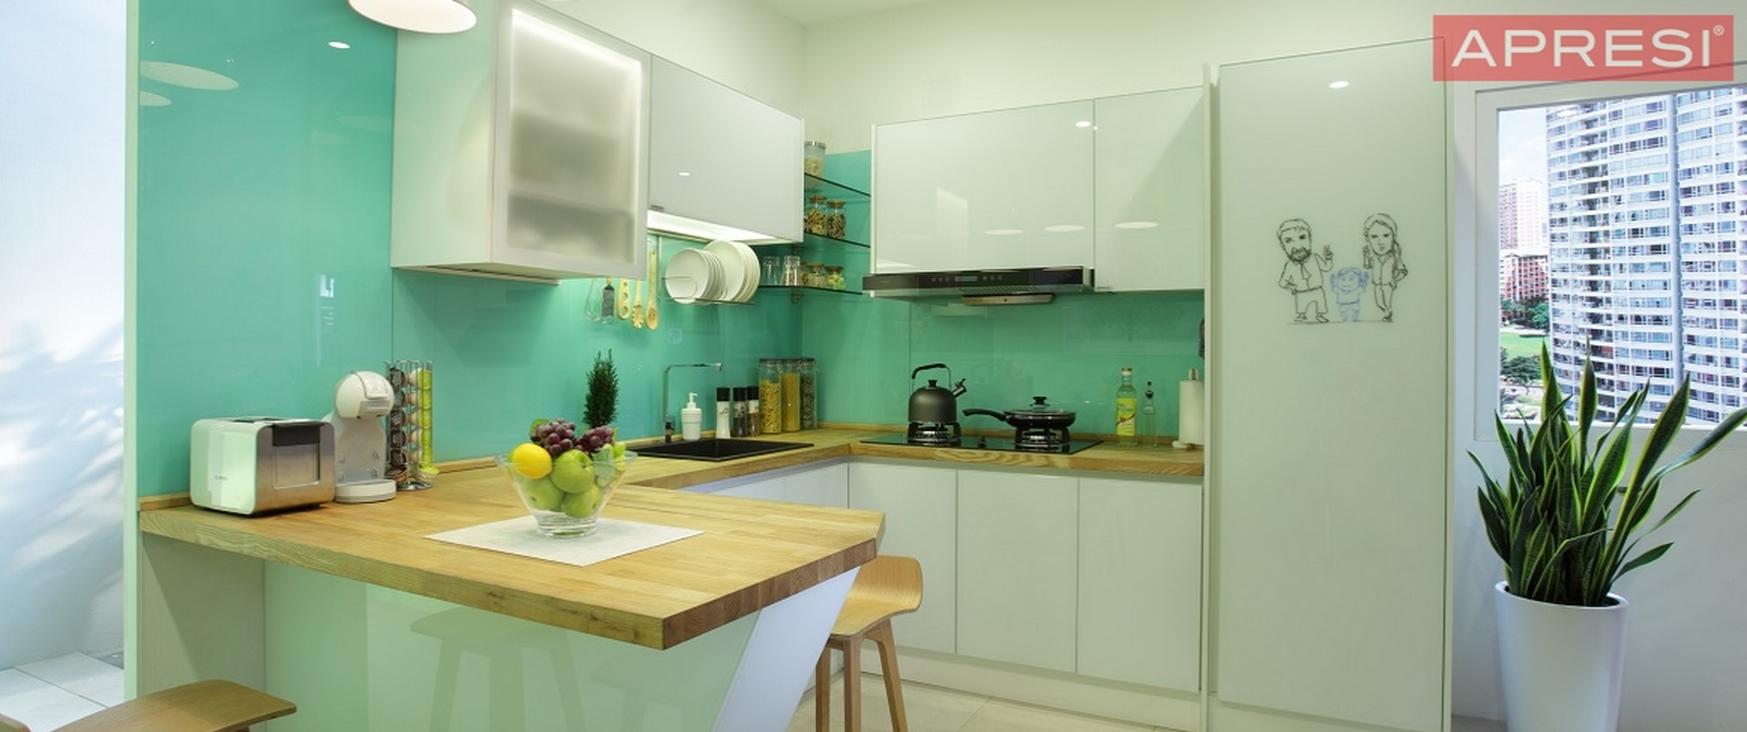 Beste Aluminium Küchenschrank Design Malaysia Bilder - Küchenschrank ...